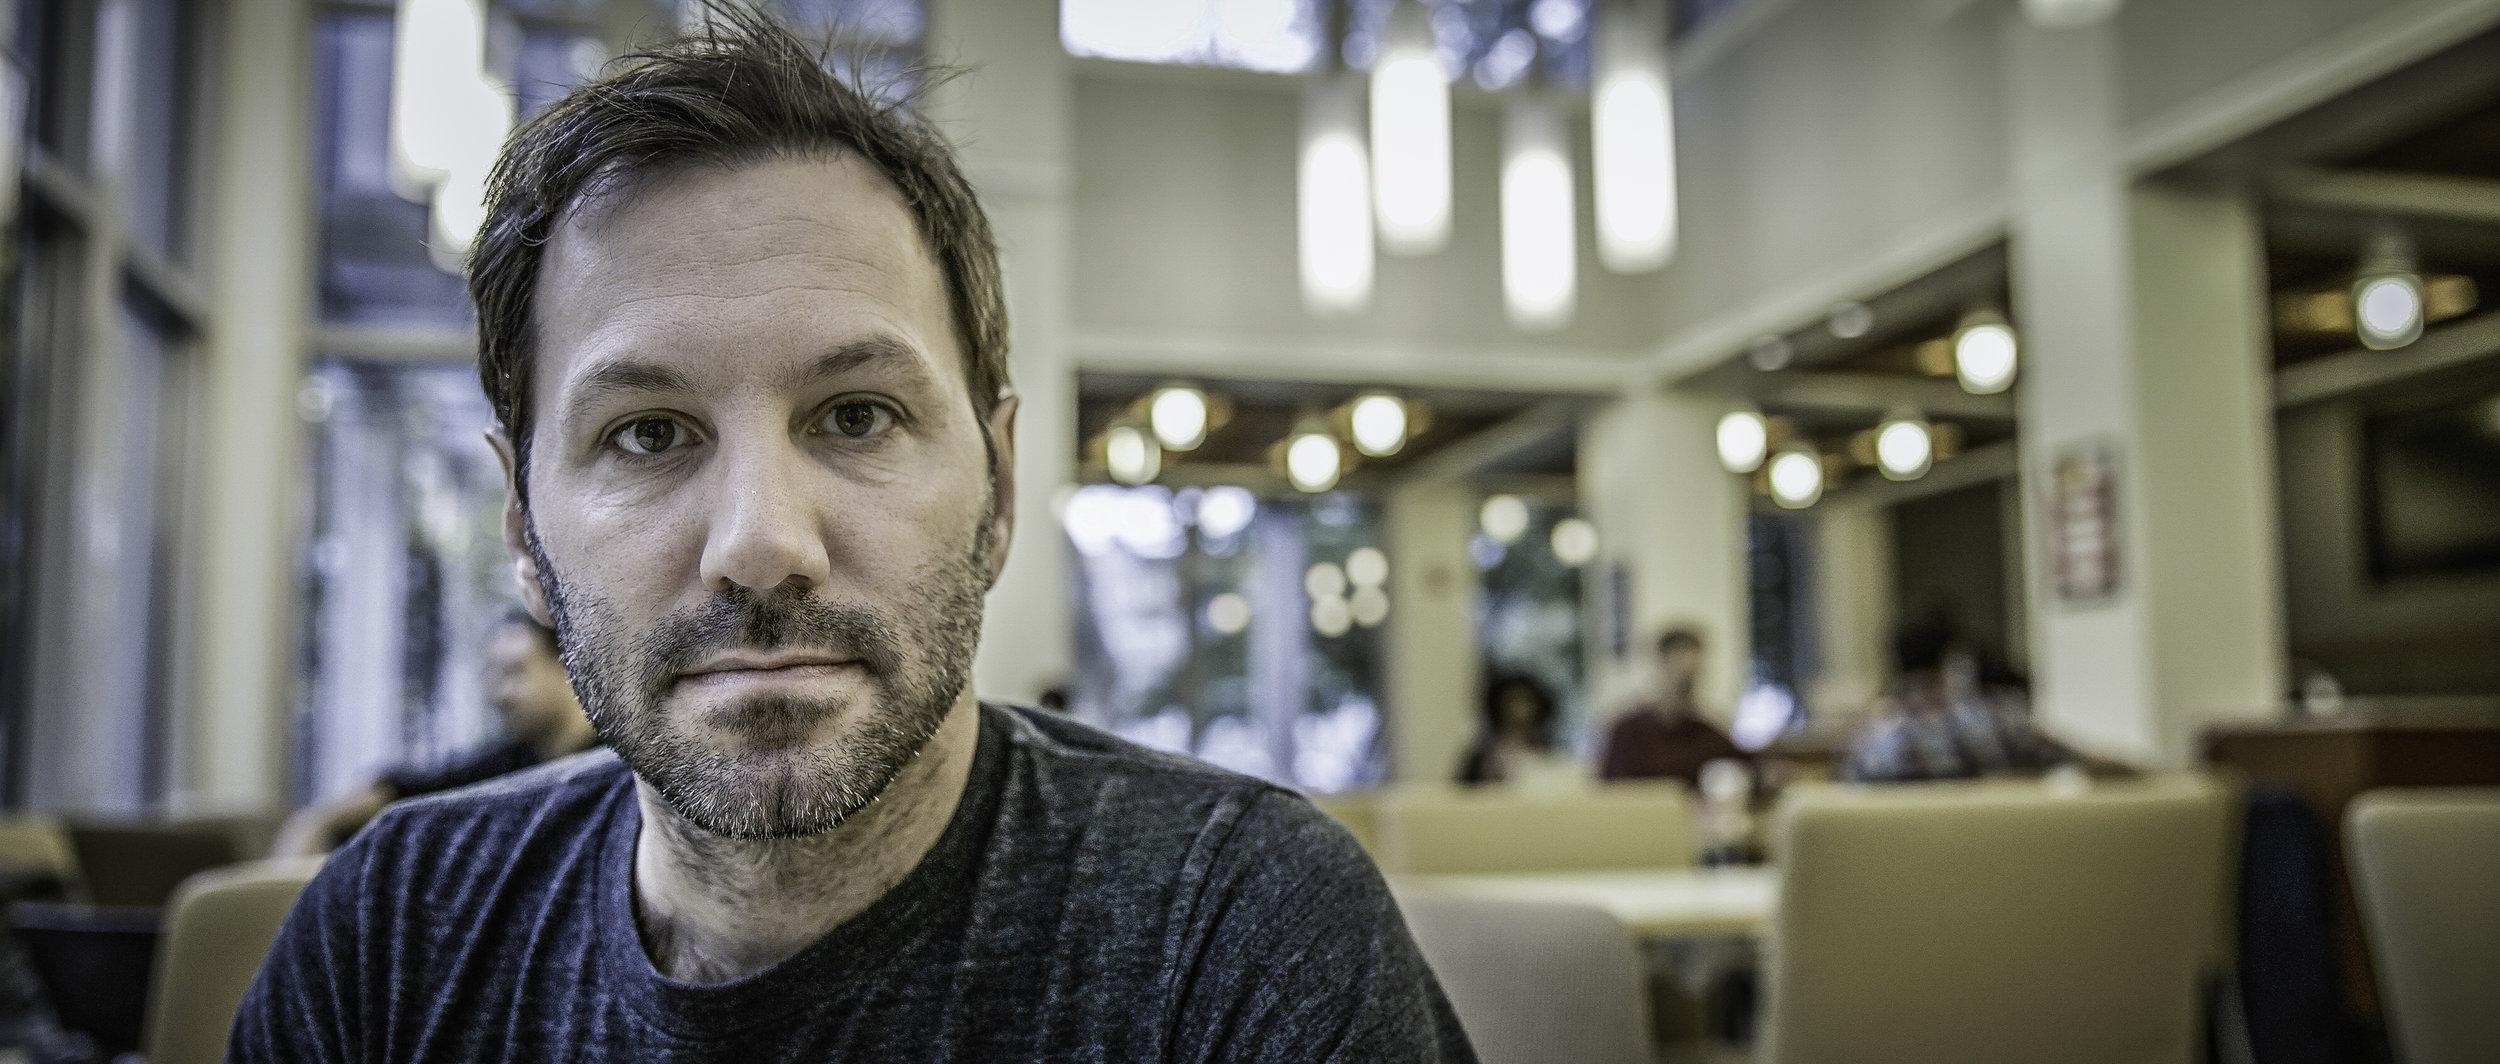 Sean Maher, director